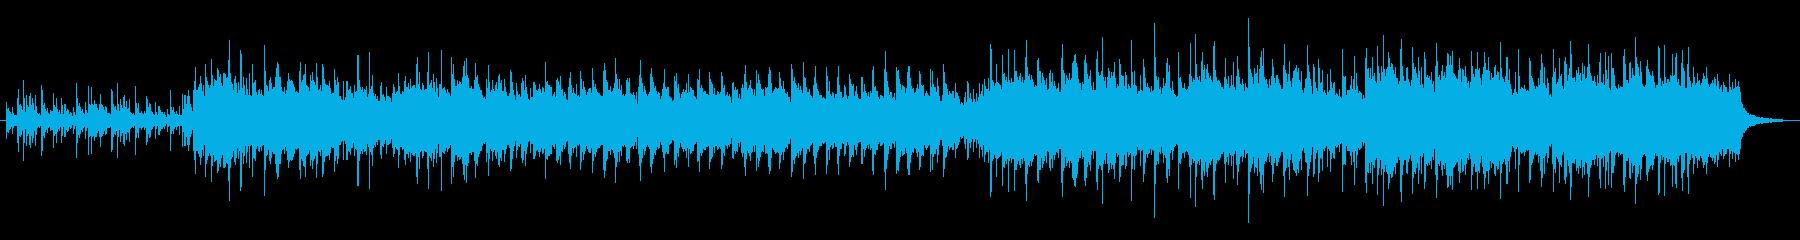 和風でテンポが速い戦いのイメージの曲の再生済みの波形